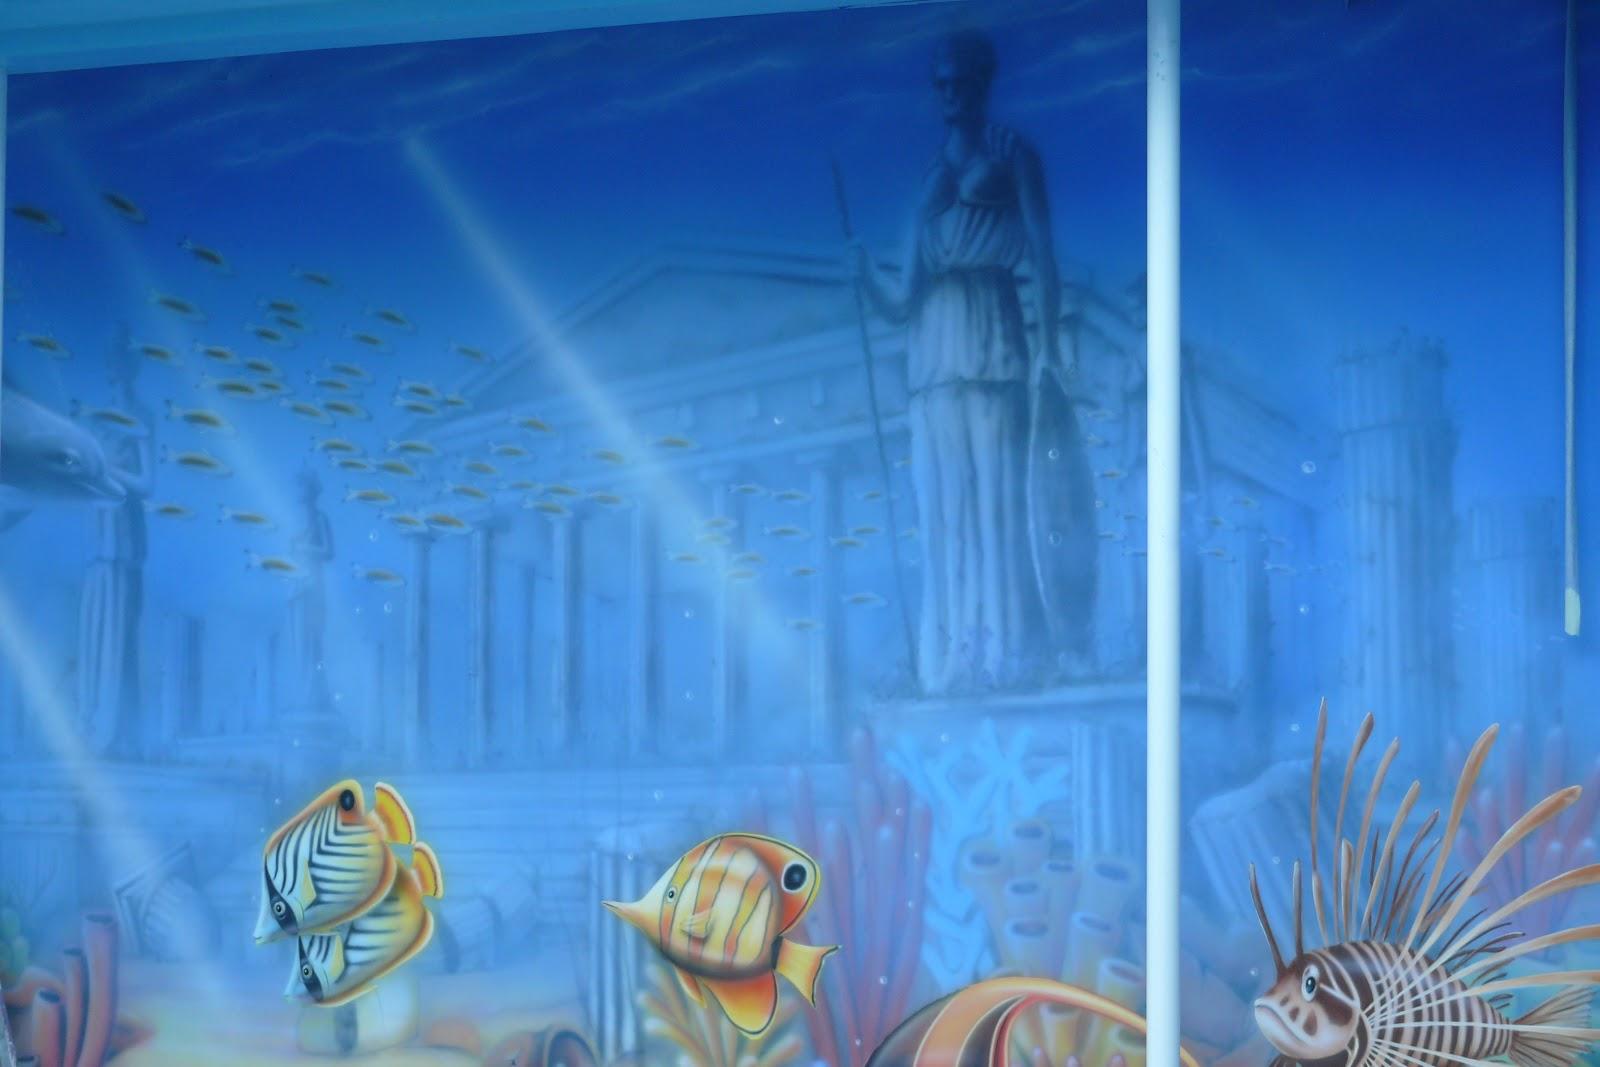 Artystyczne malowanie ściany na basenie, mural przedstawiający rafę koralową i rybki.